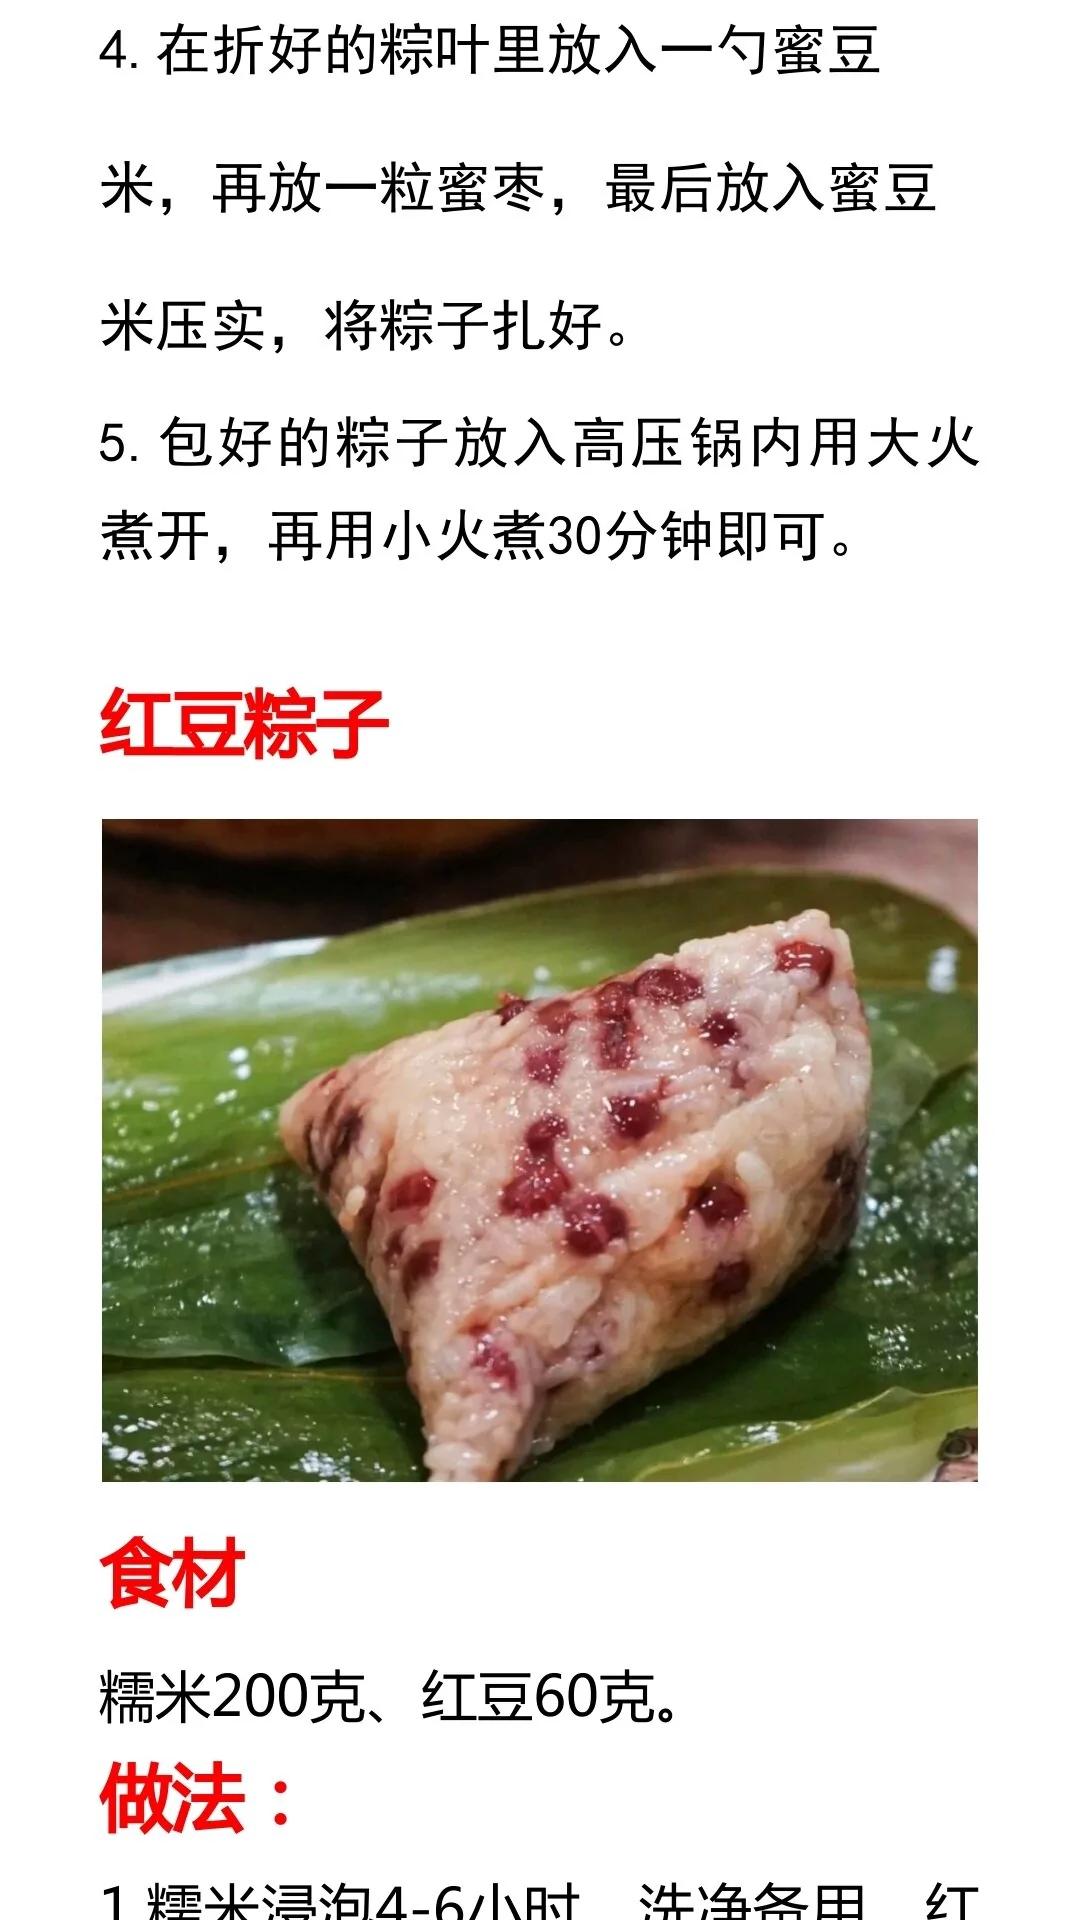 10种粽子的做法及配料!粽子馅种类大全!端午节粽子制作方法教程 美食做法 第11张